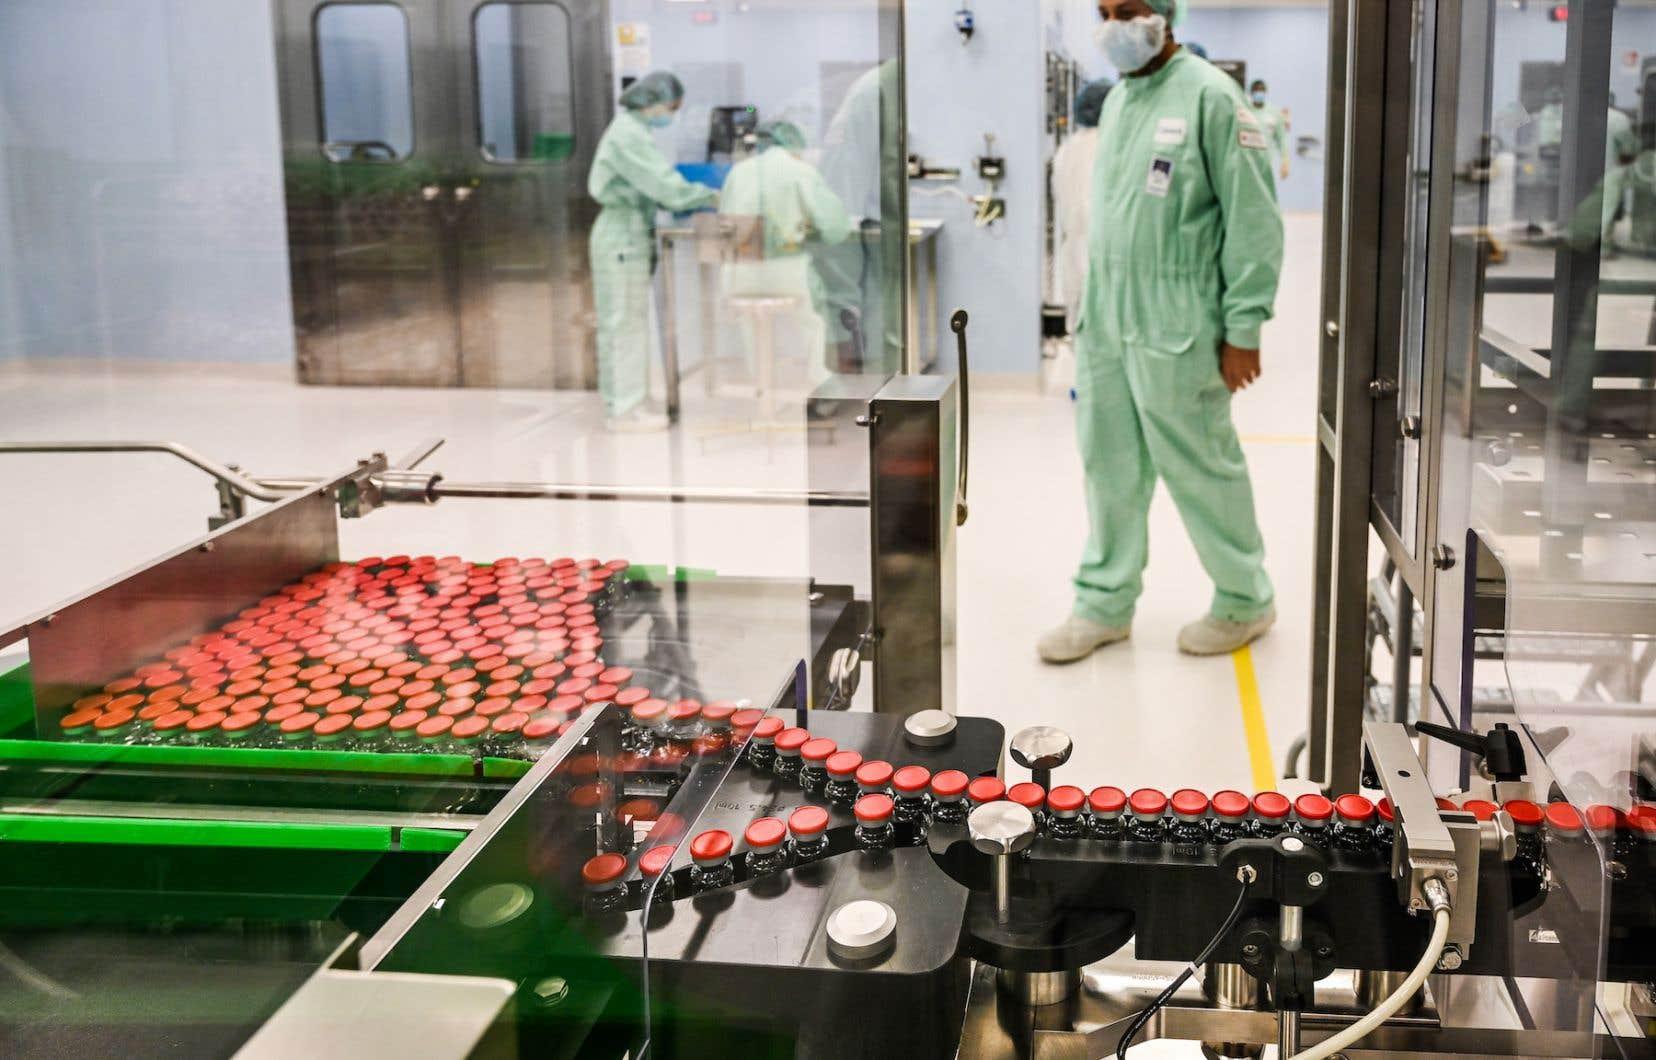 À l'usine d'Anagni, en Italie, on fait des tests en vue de préparer le remplissage et l'emballage des fioles du vaccin développé par AstraZeneca et l'Université d'Oxford.